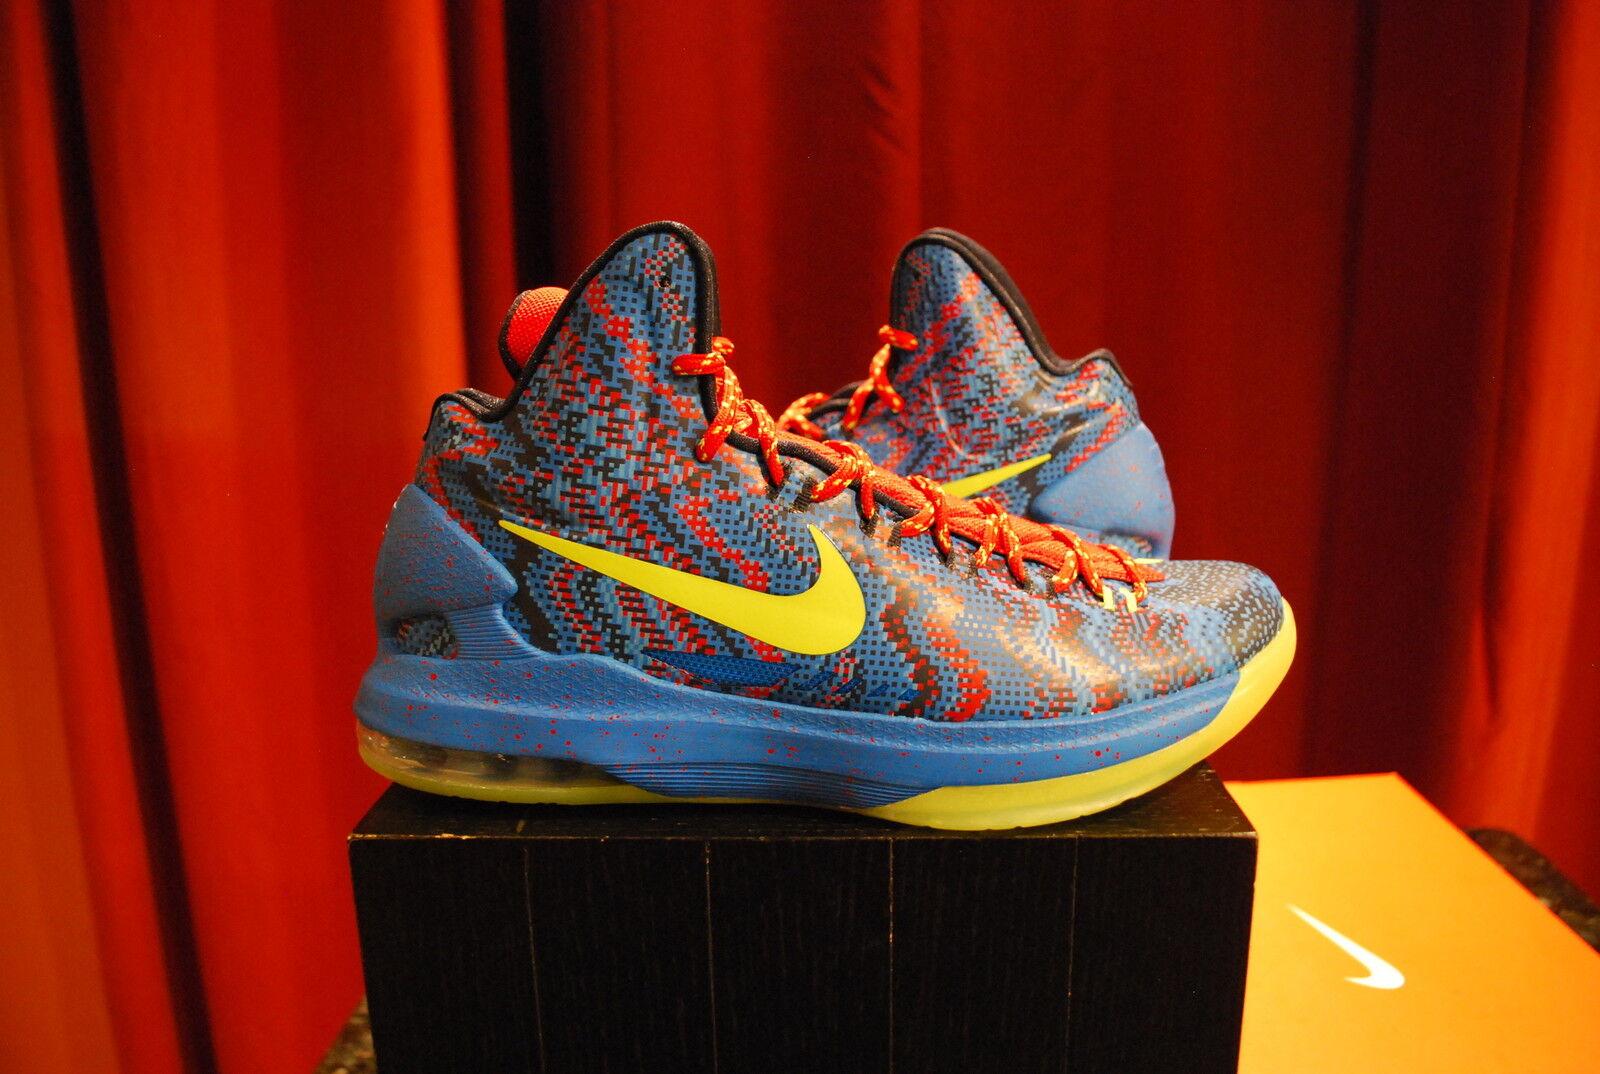 Nike Zoom Kd V 5 que Navidad lo que 5 la Kd Nuevo Con Recibo Tamaño 10 4cf0b7